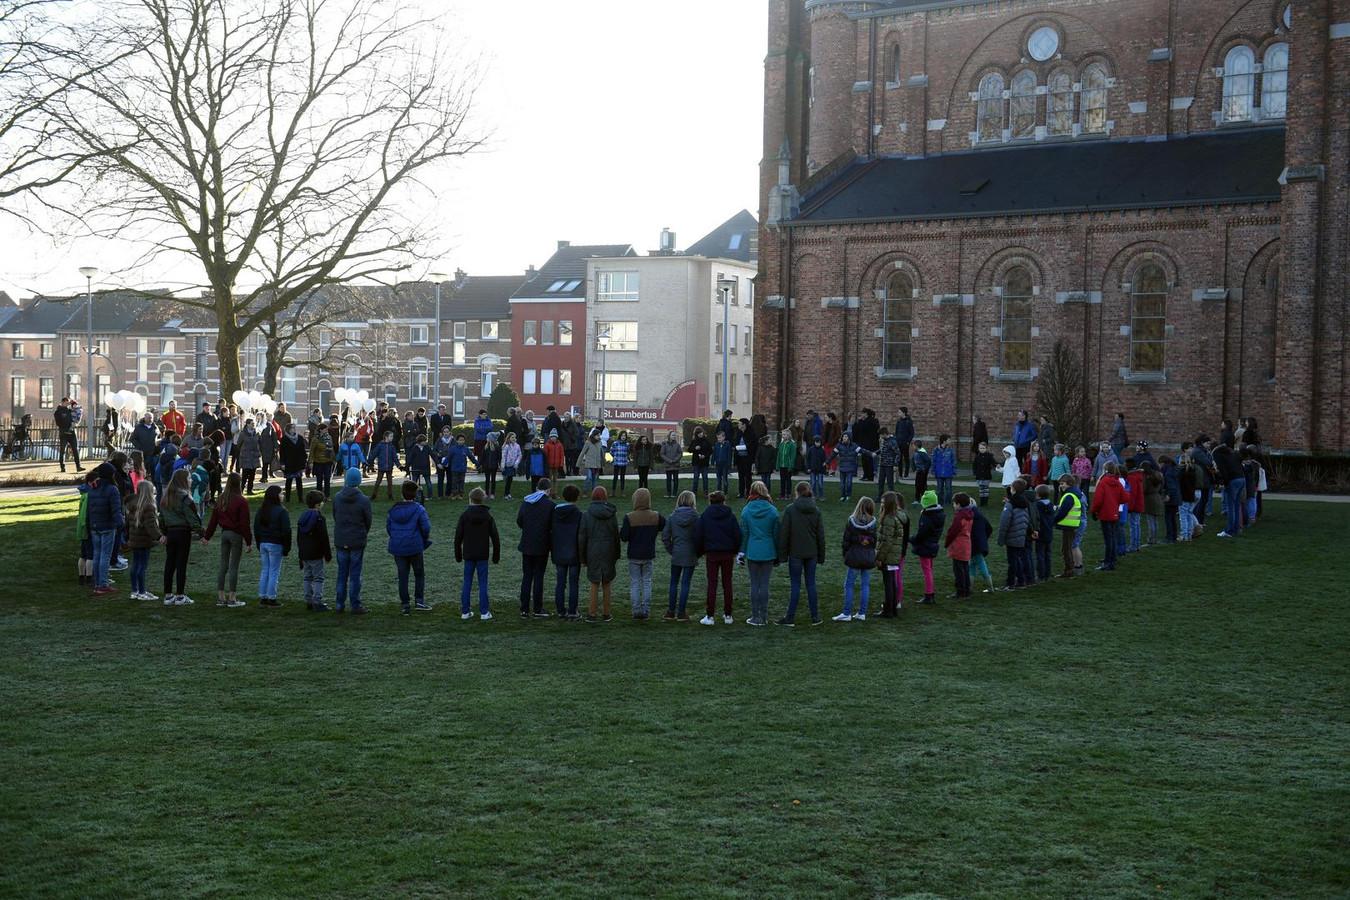 De leerlingen, ouders en leerkrachten van de Sint-Lambertusschool staan in een kring op het kerkplein van Heverlee.